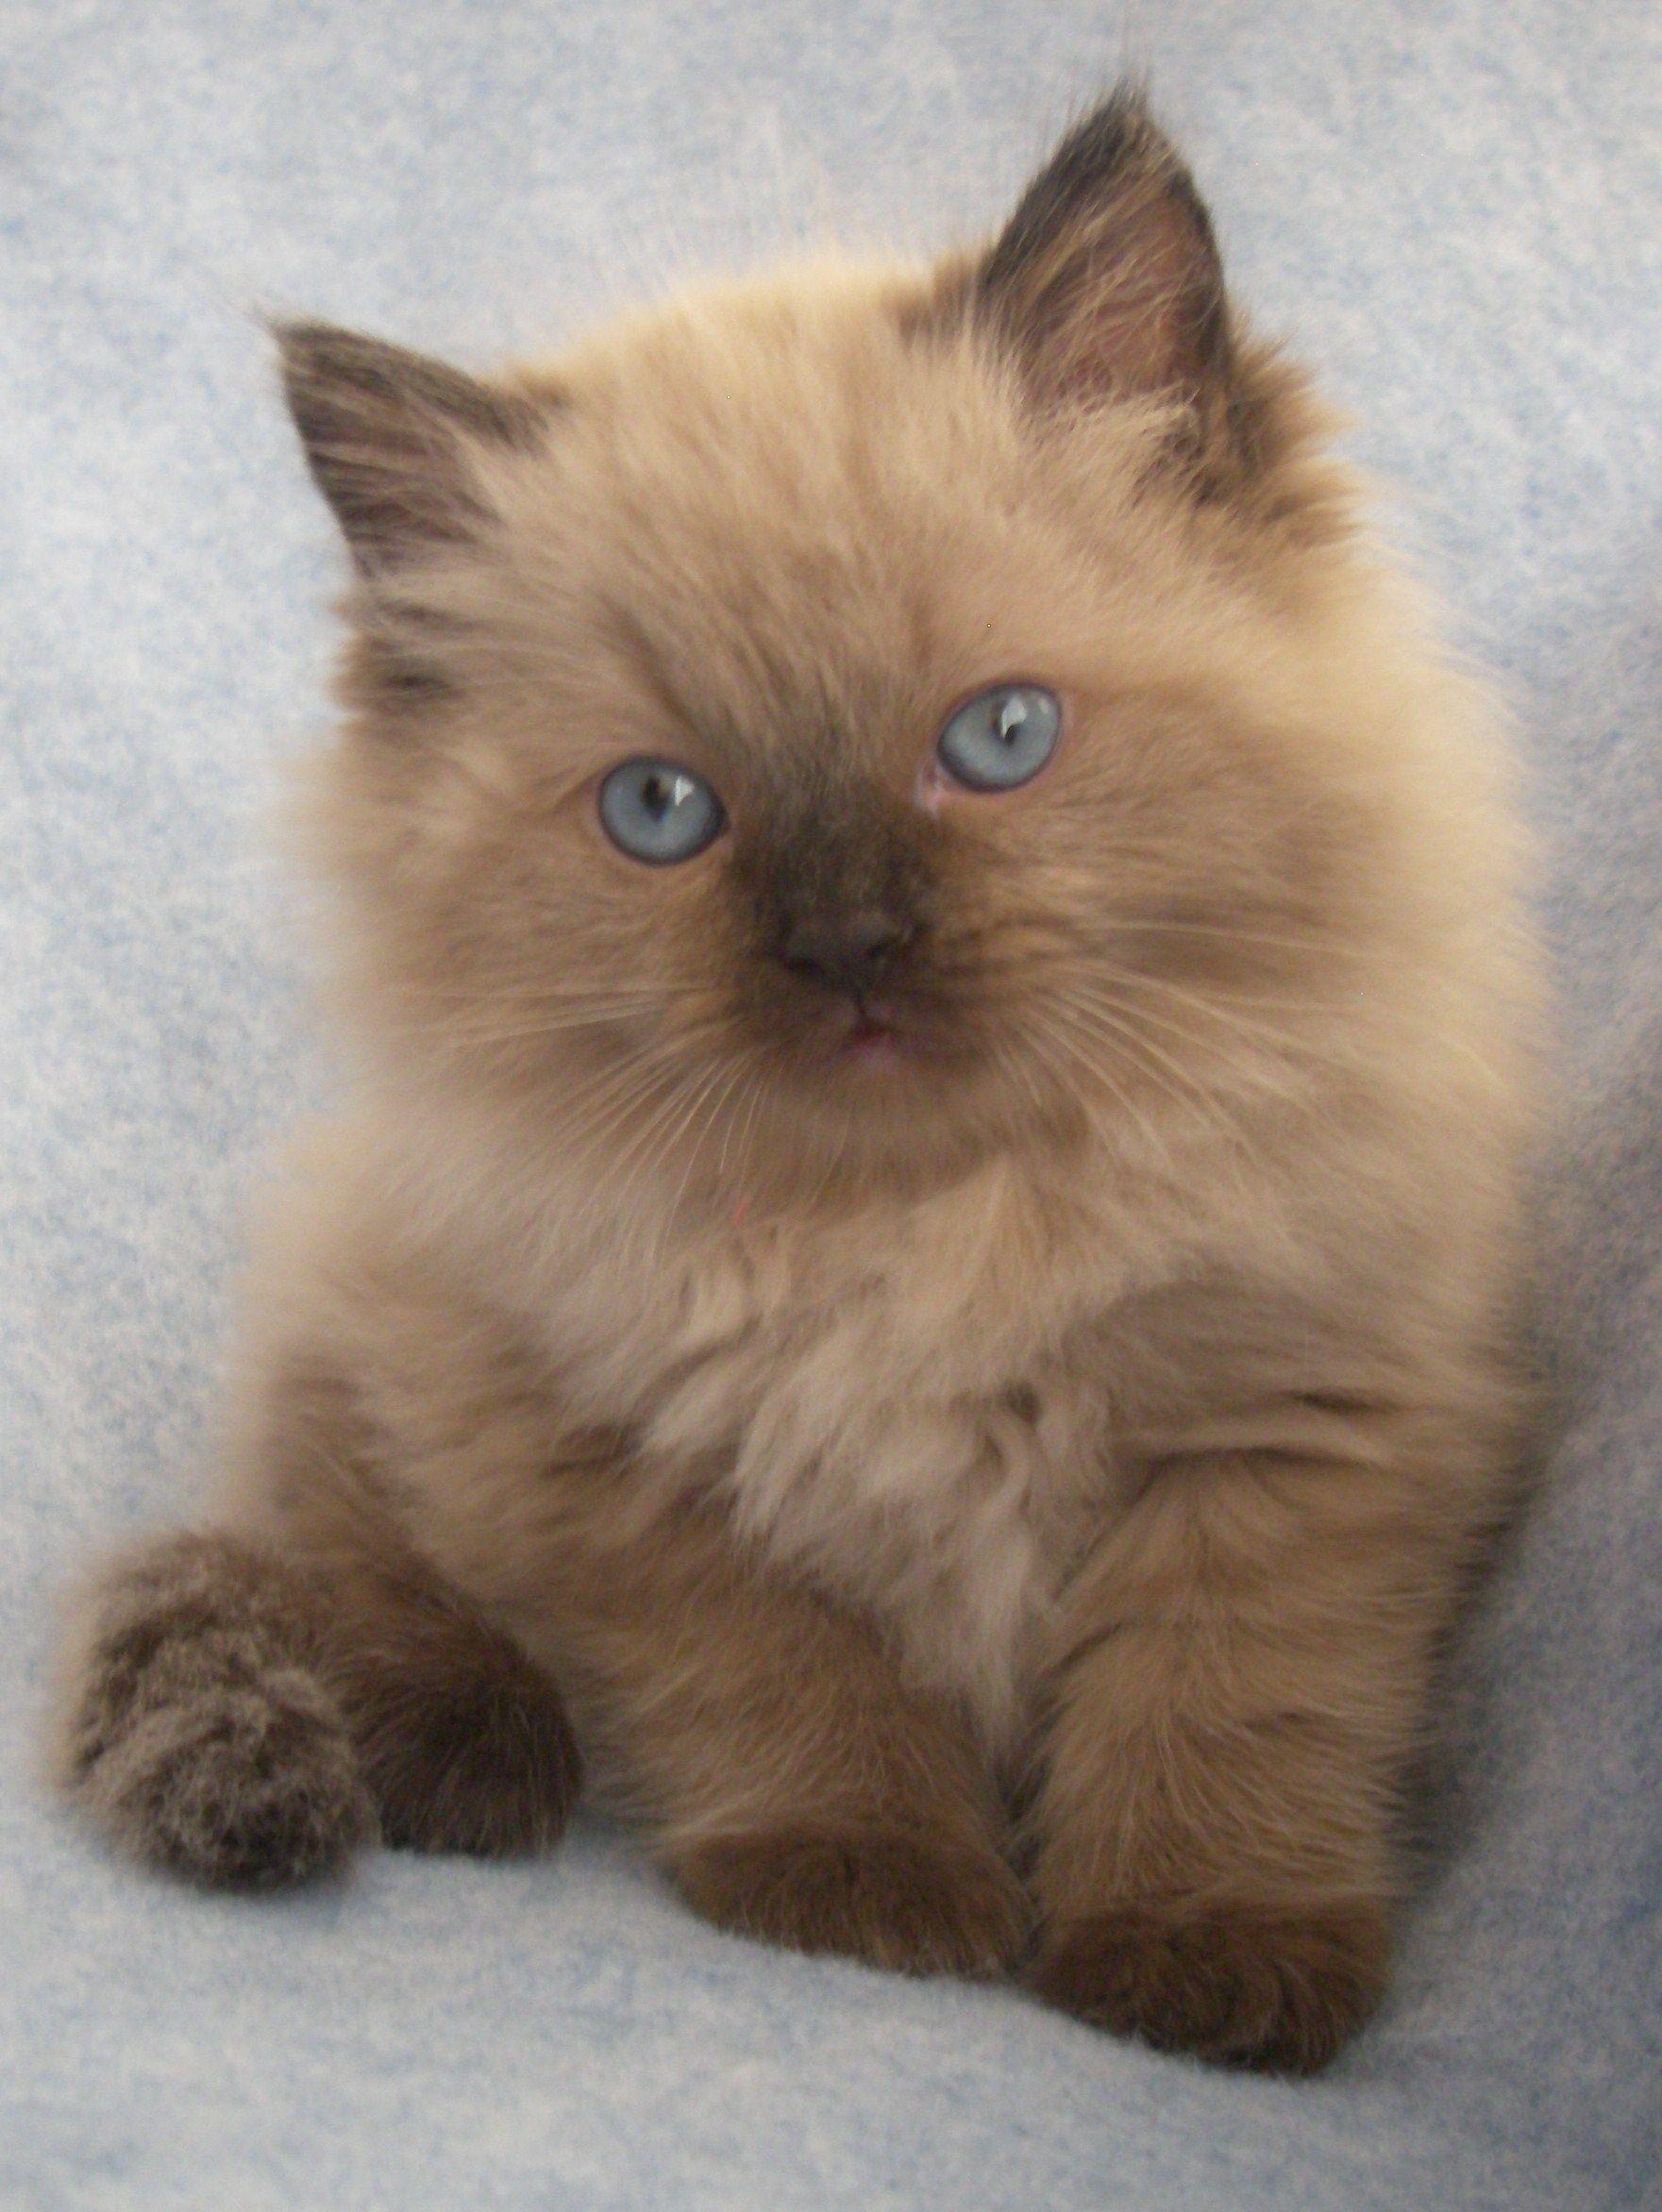 Pin De Kathy Weaver Em Animals Gatinhos Fofos Gatos Exoticos Gatinhos Adoraveis